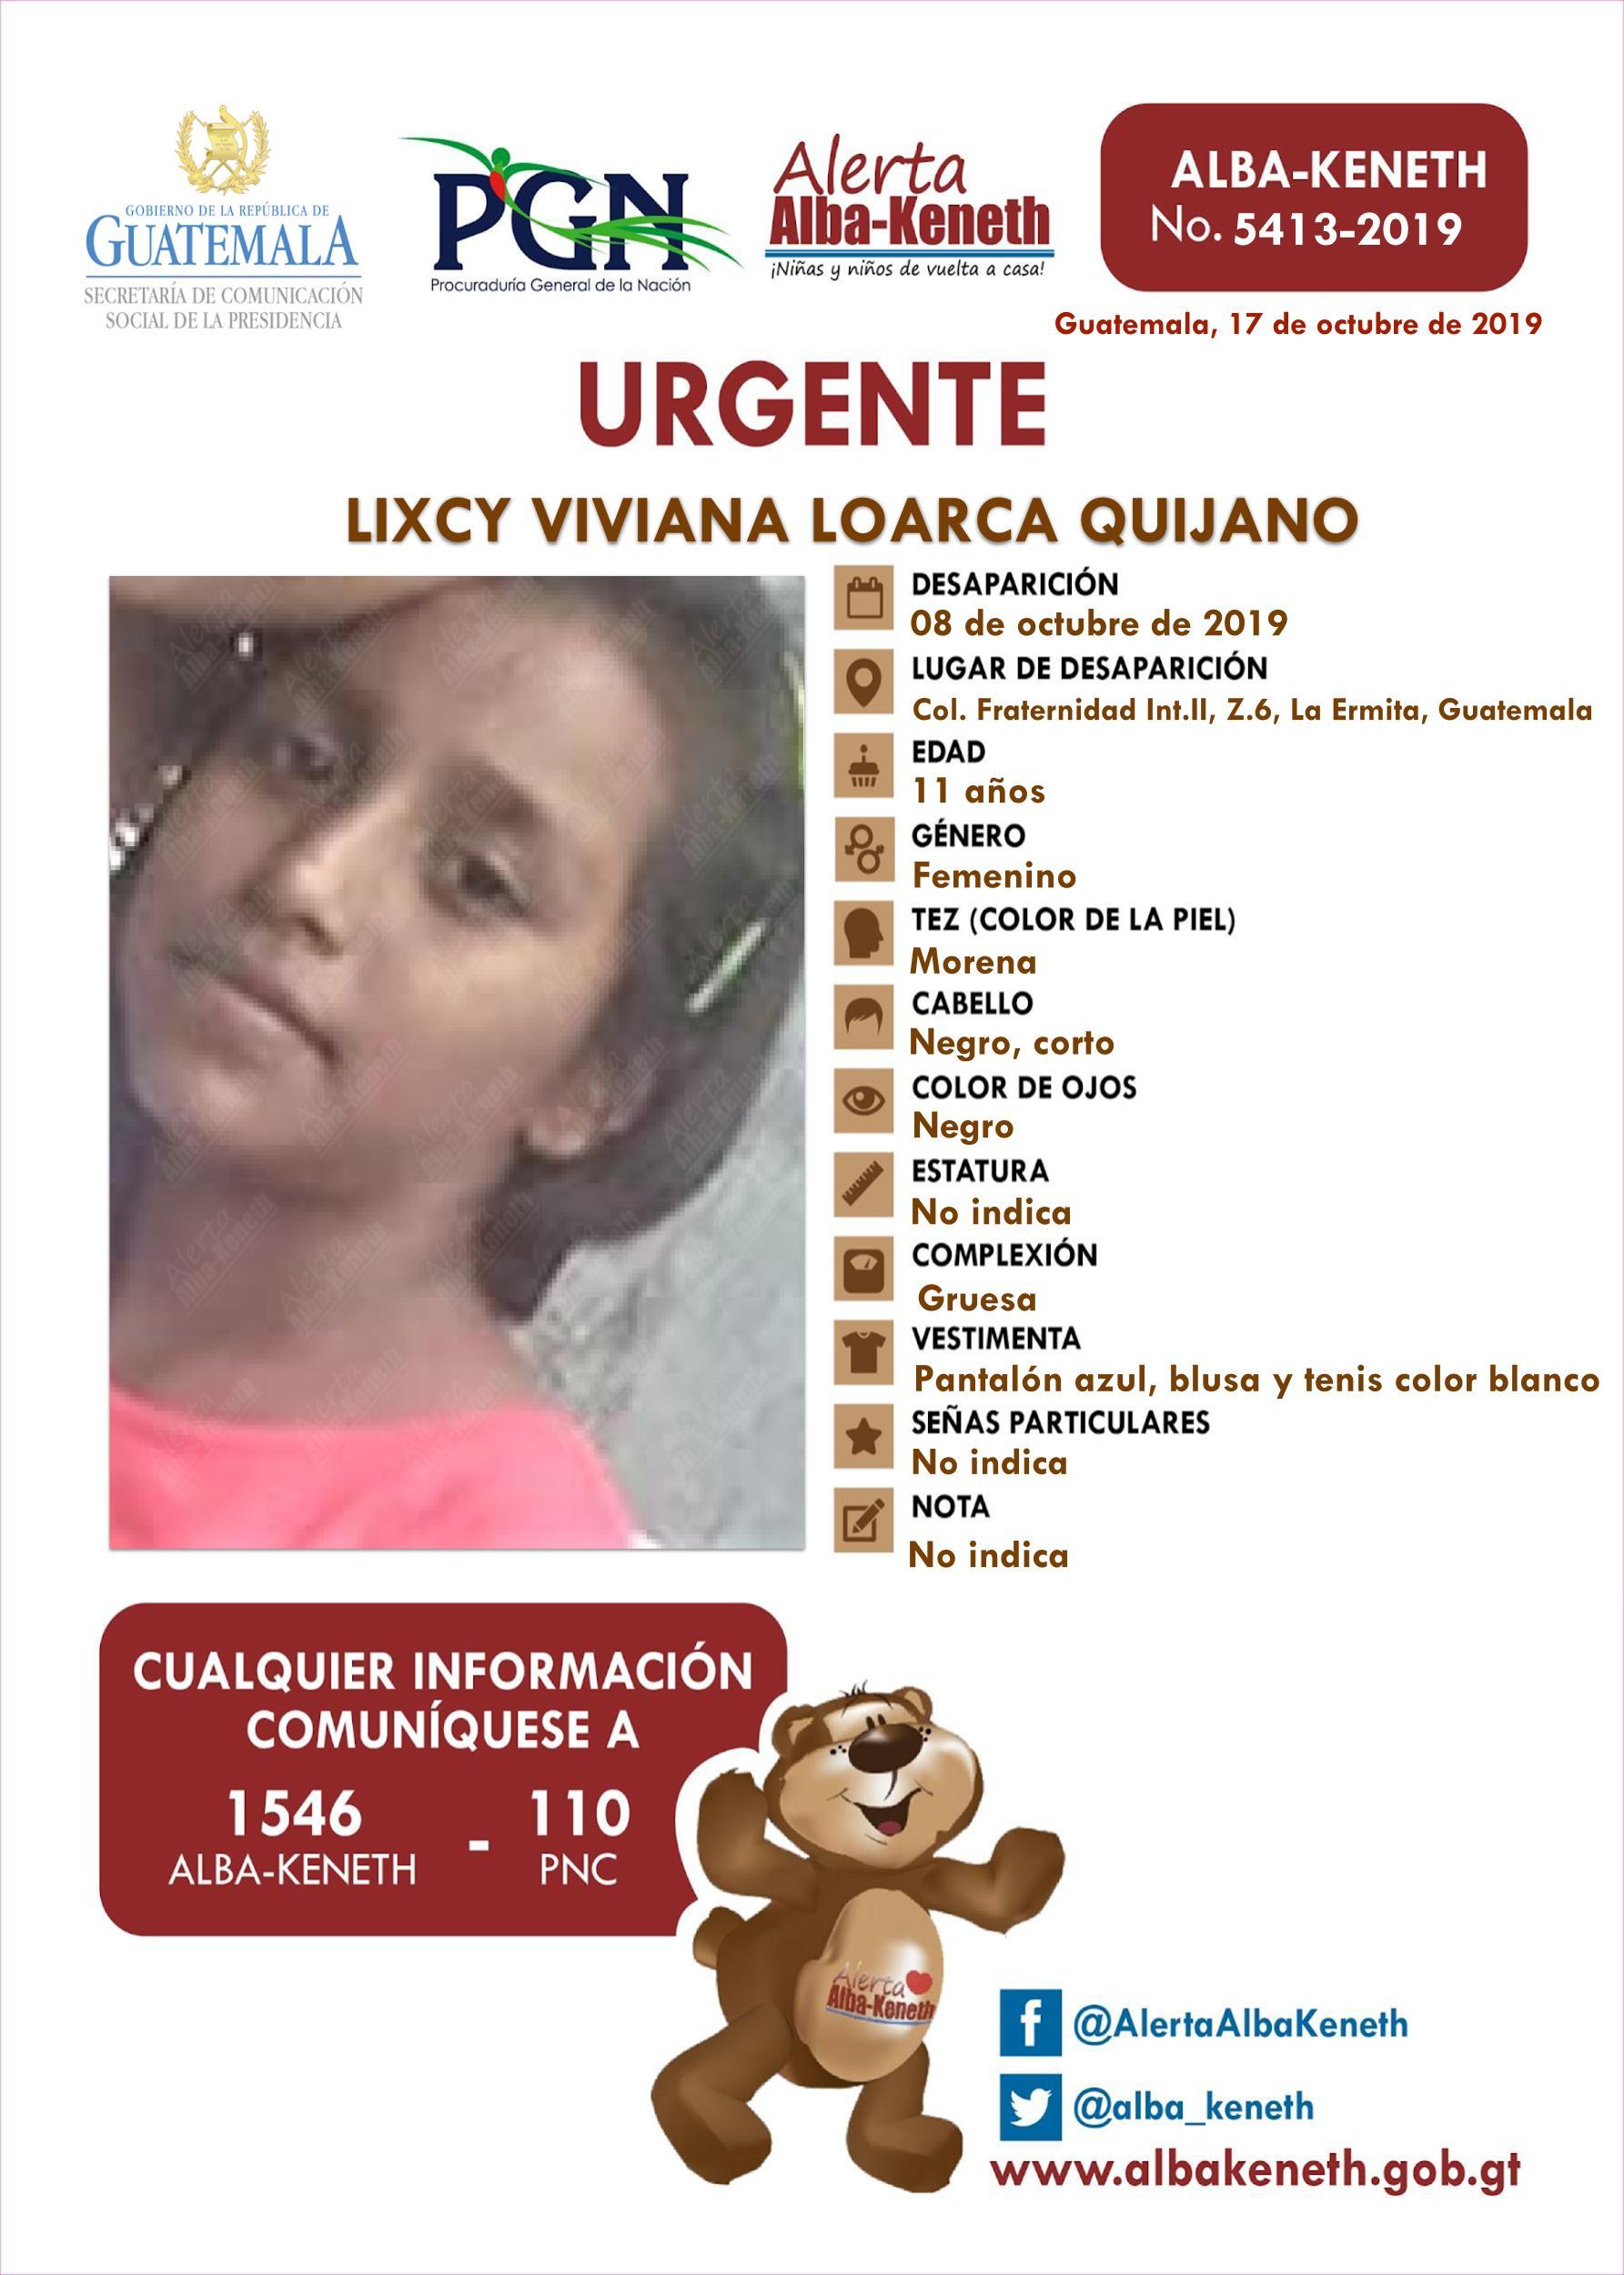 Lixcy viviana Loarca Quijano